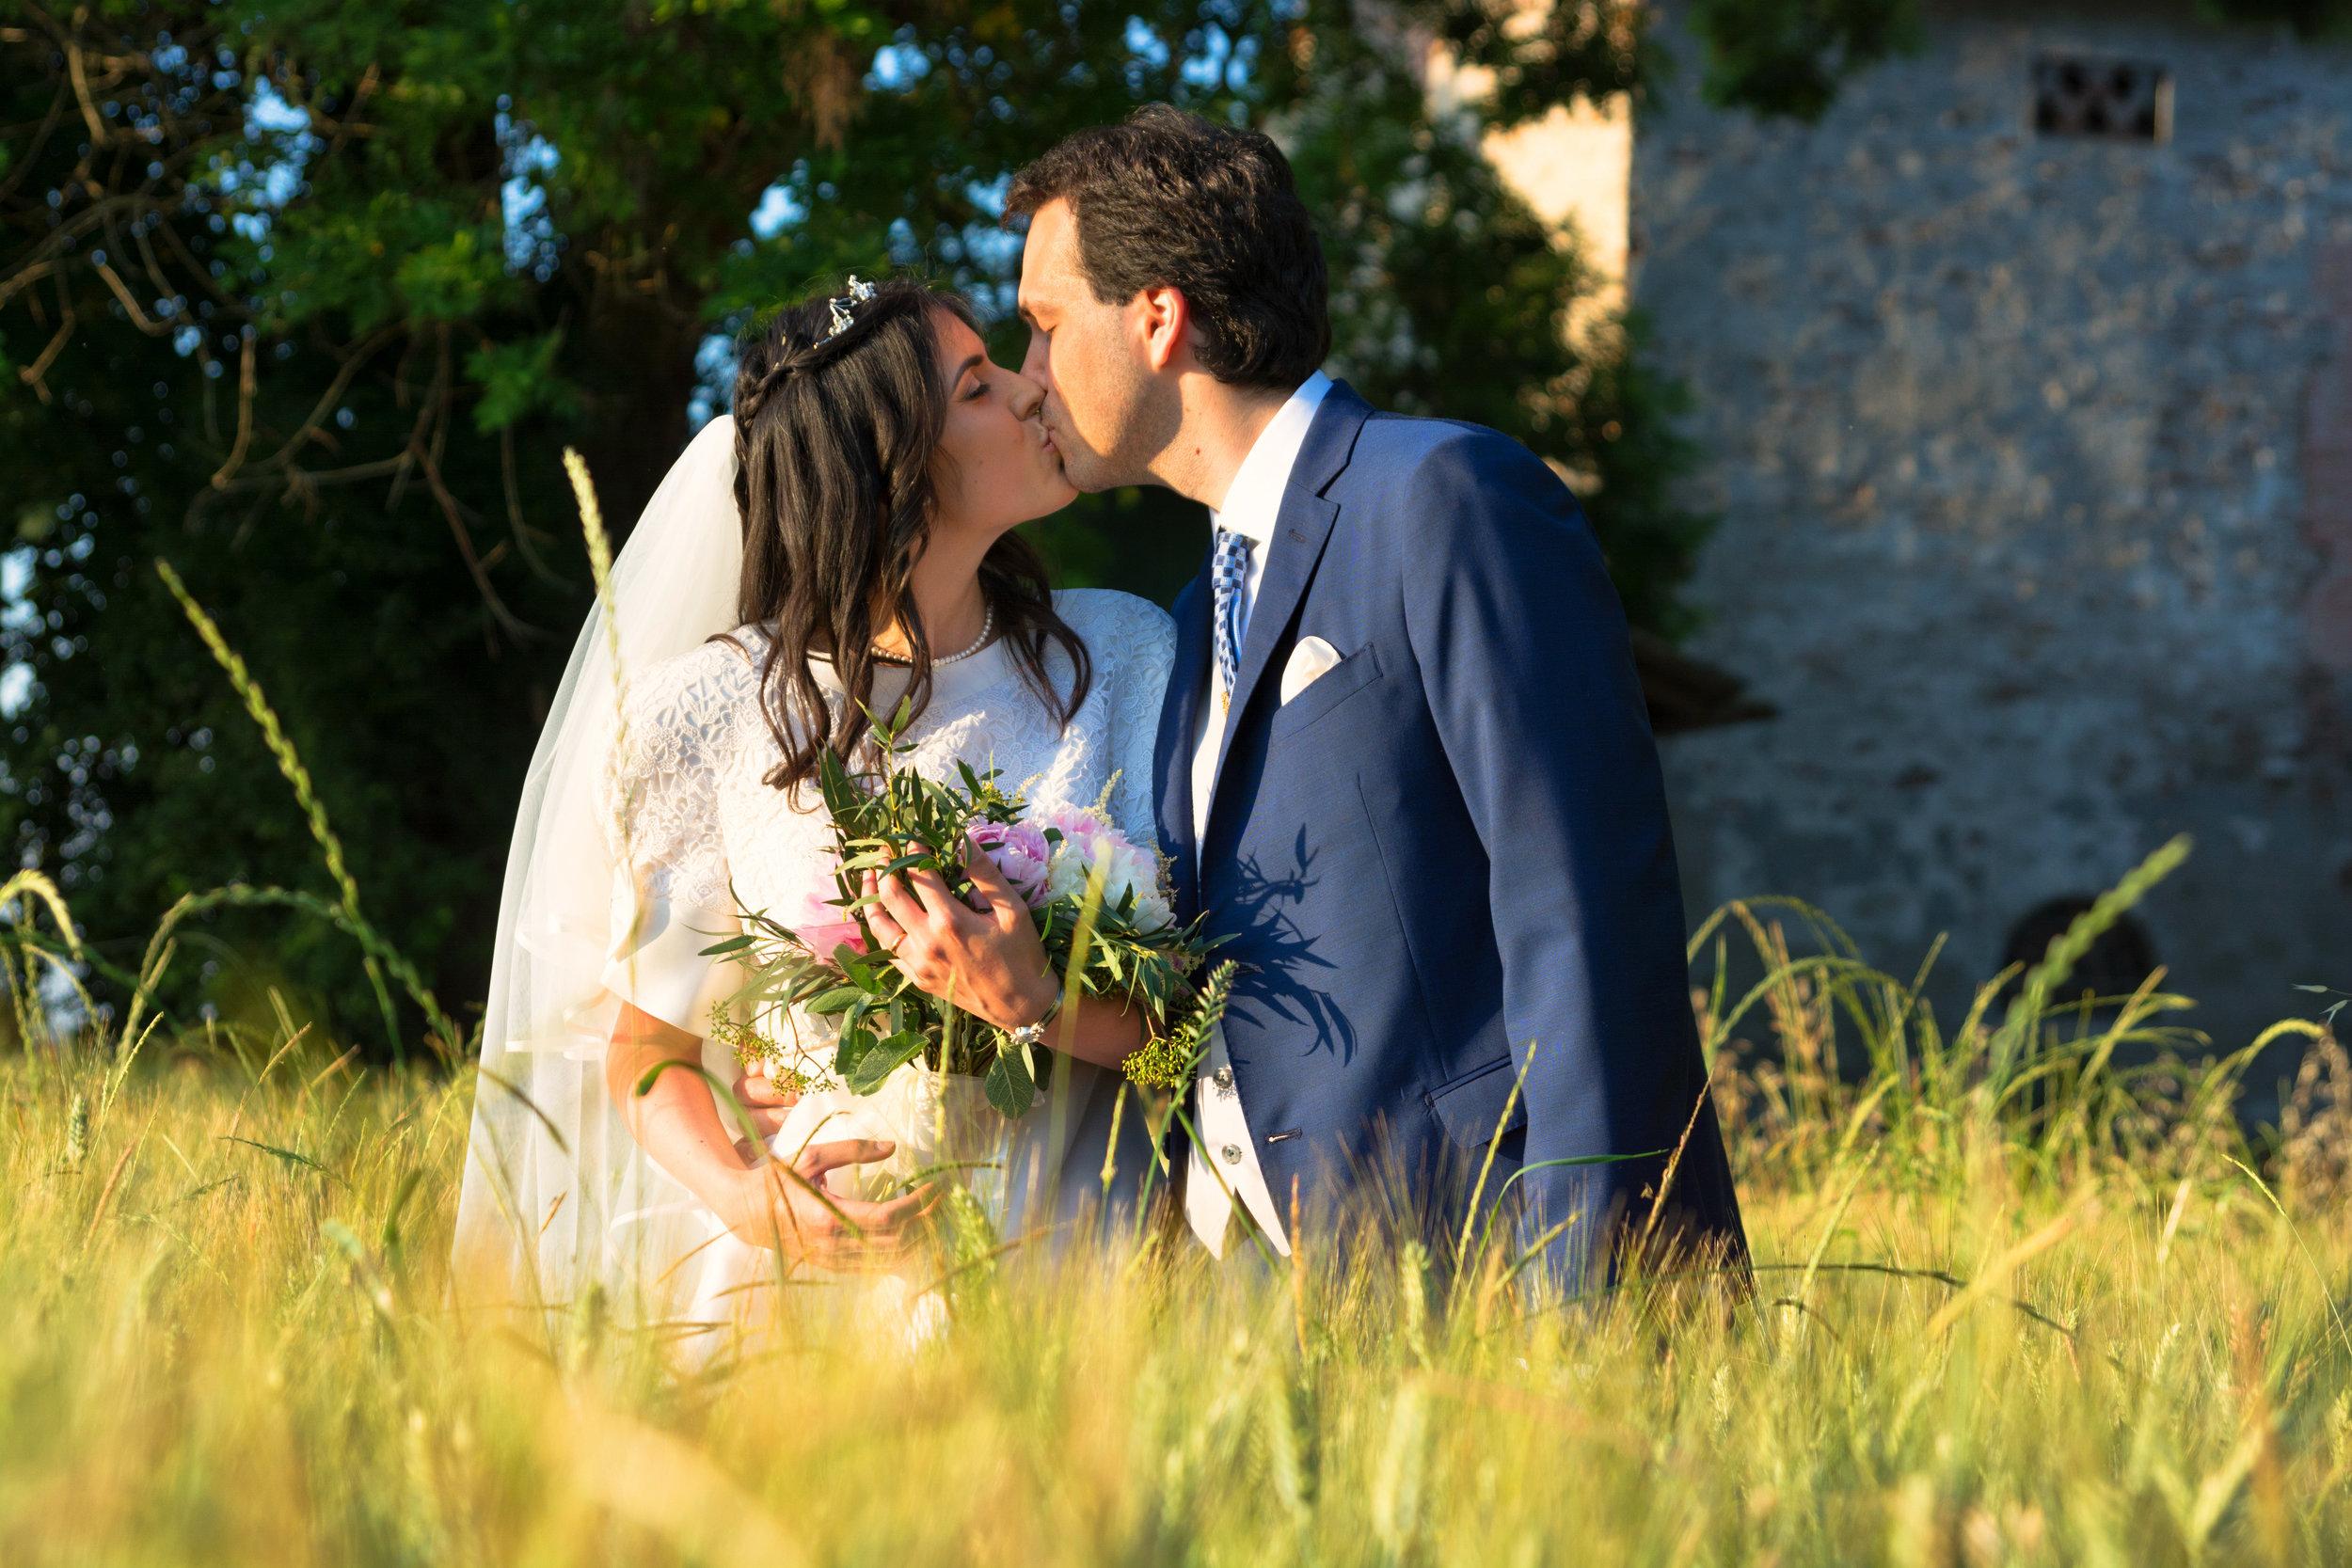 Matrimonio_Sara_&_Matteo253.jpg